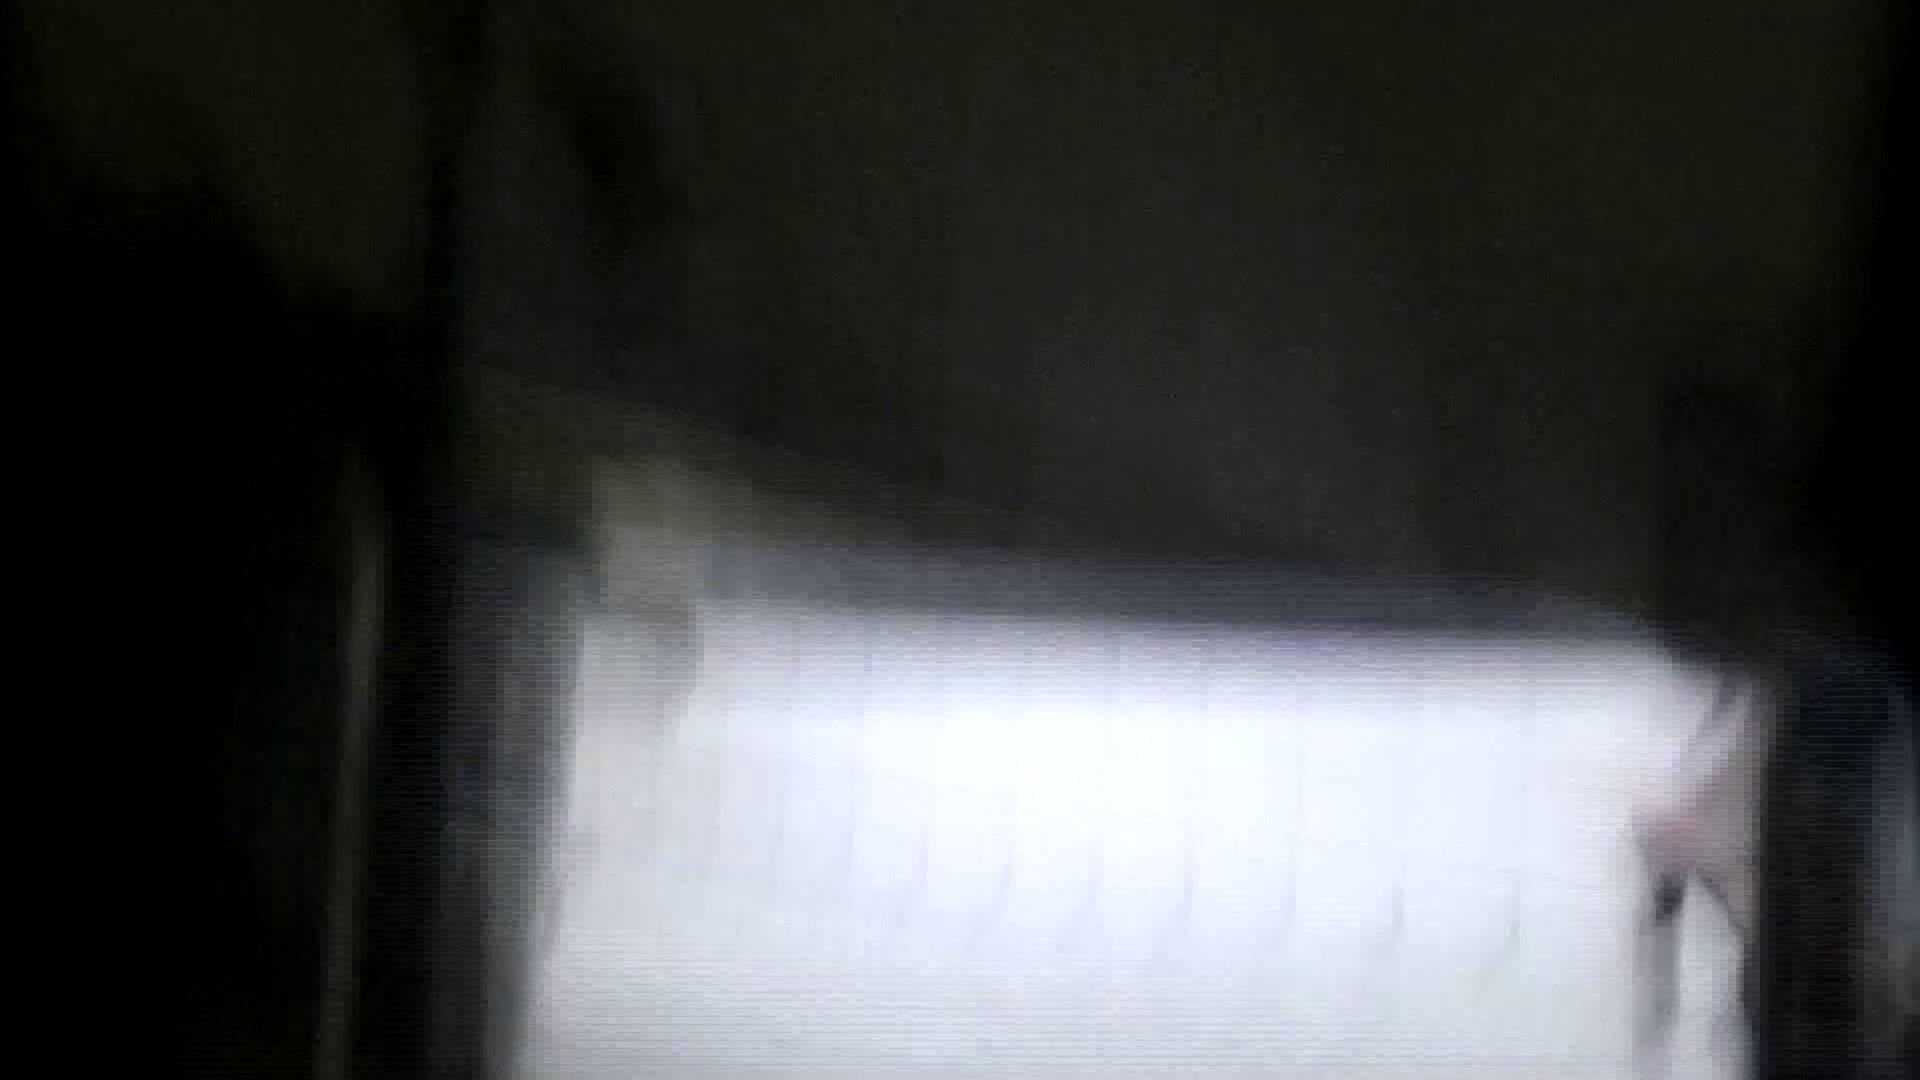 洗面所特攻隊 vol.X さらば!!特攻隊。【2015・08位】 ギャル達 スケベ動画紹介 95枚 32